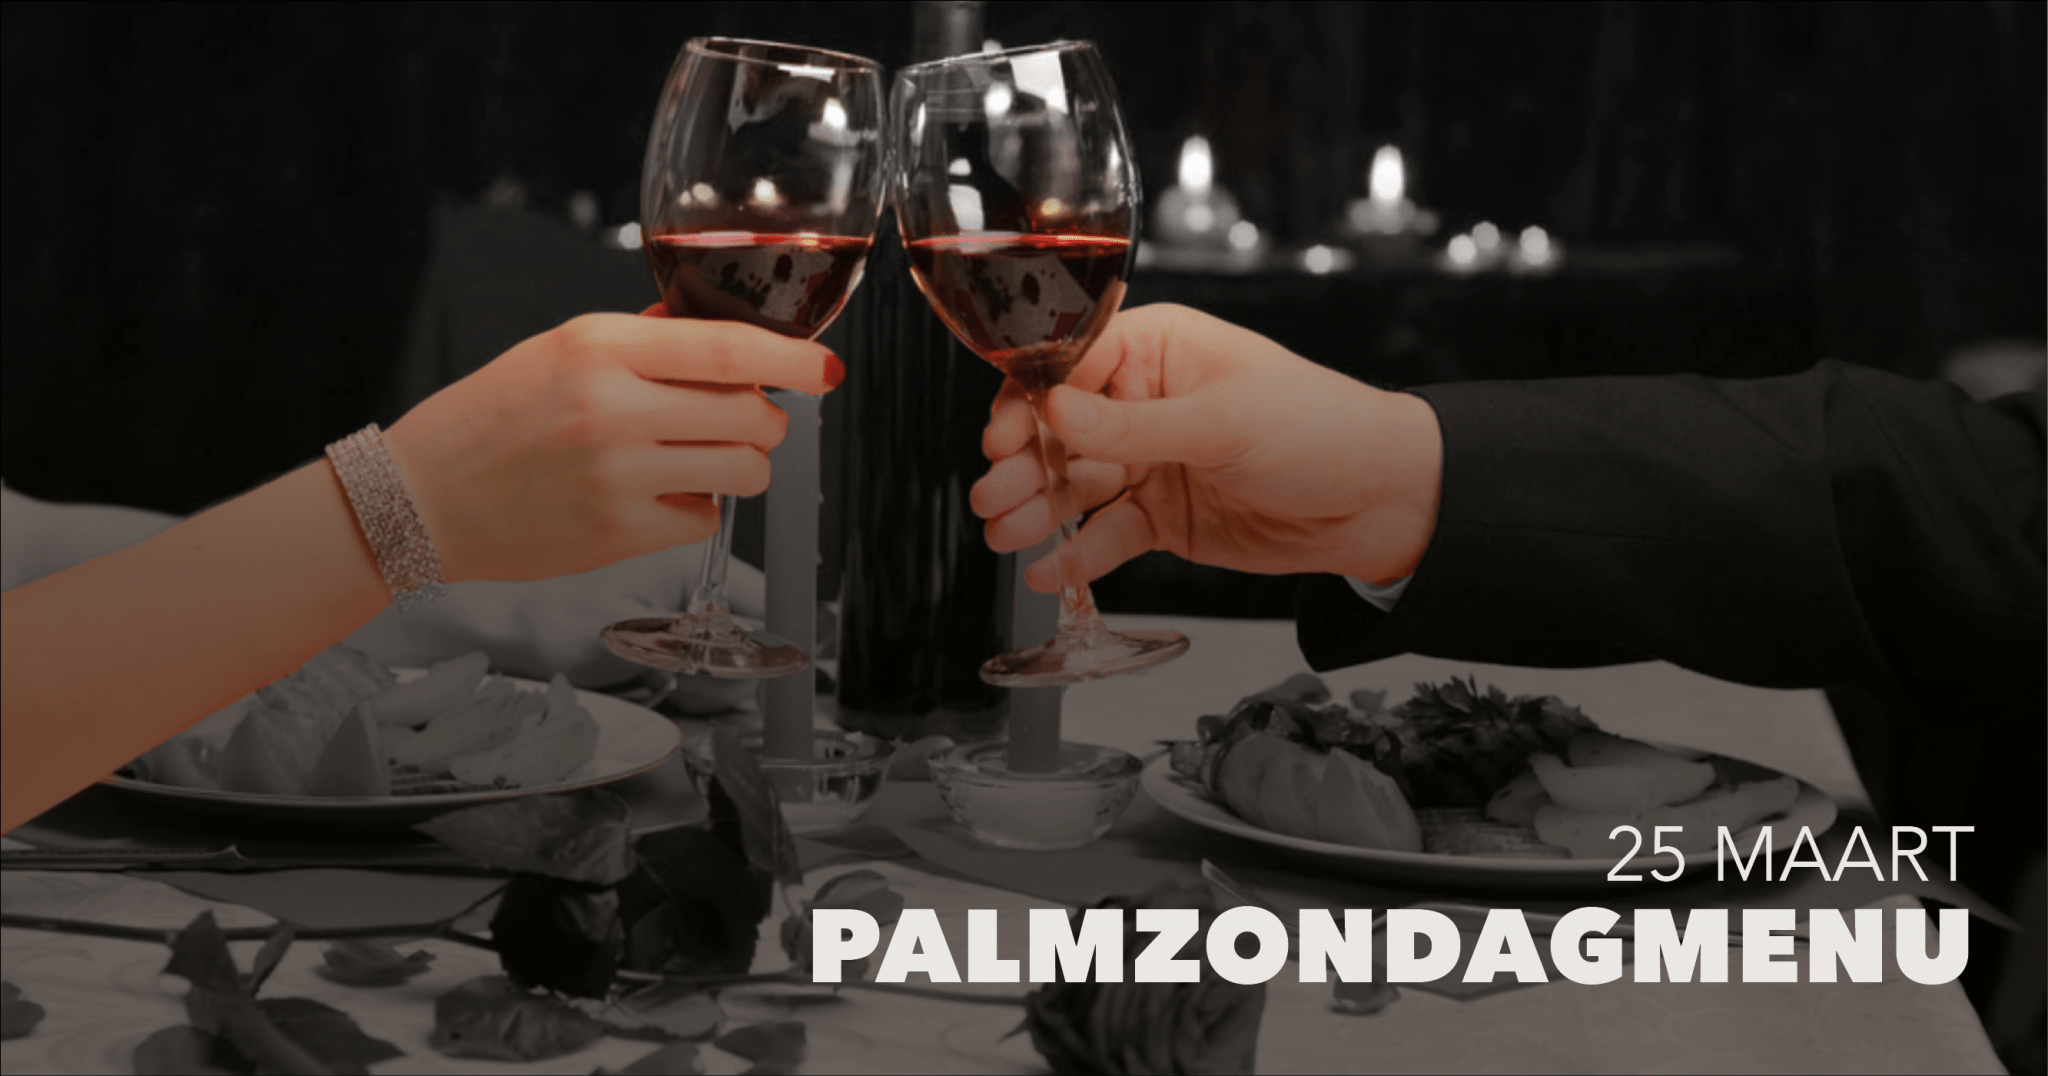 Palmzondag (25 maart 2018)